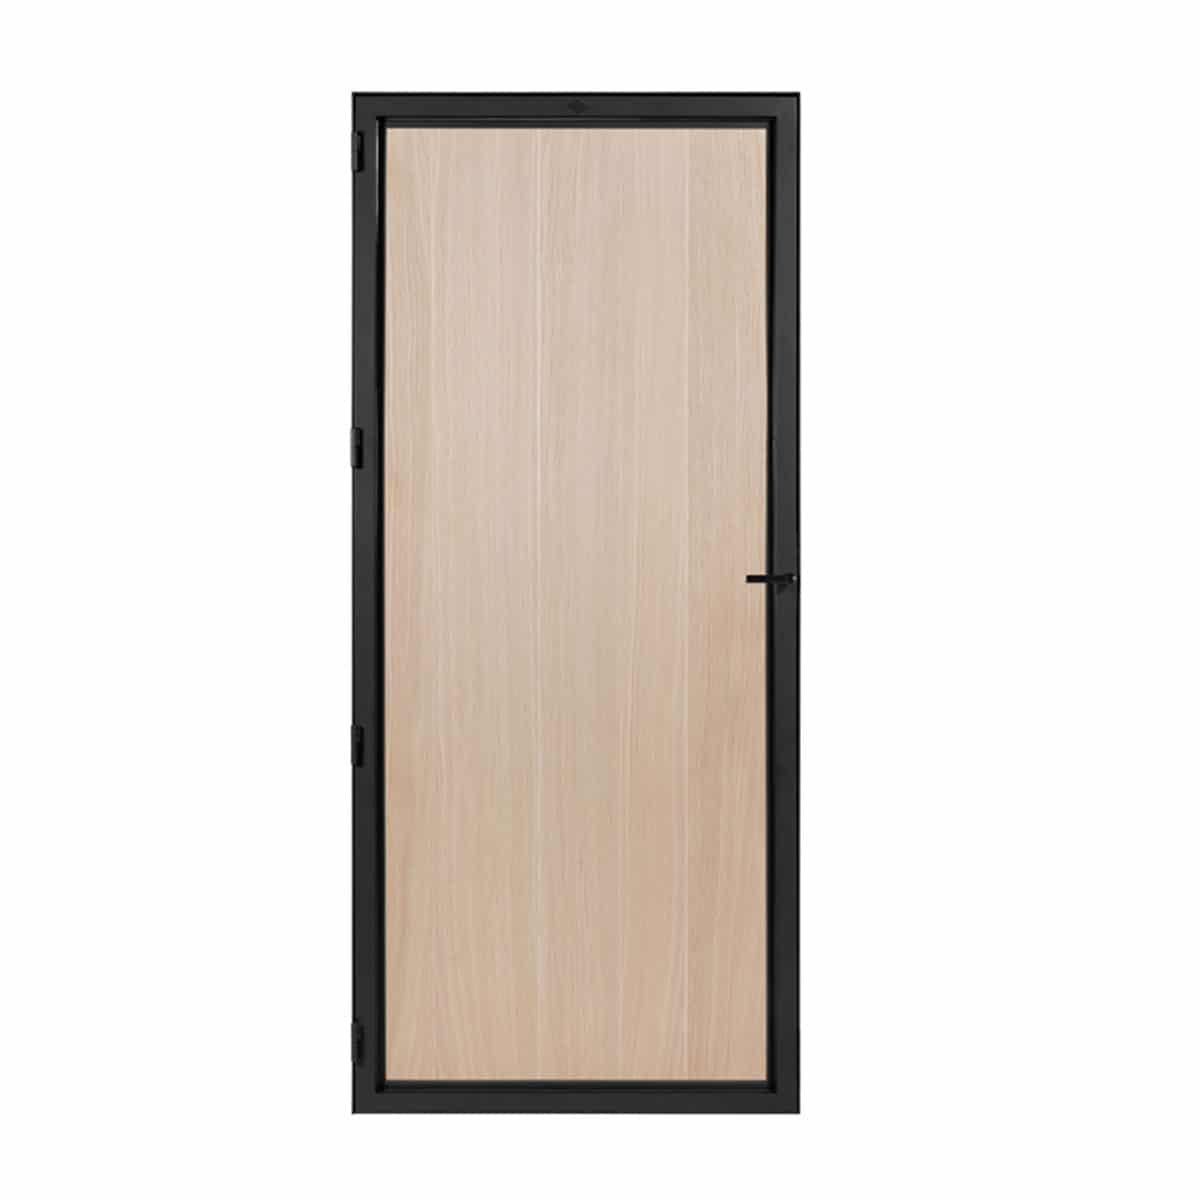 Steelit wood prime